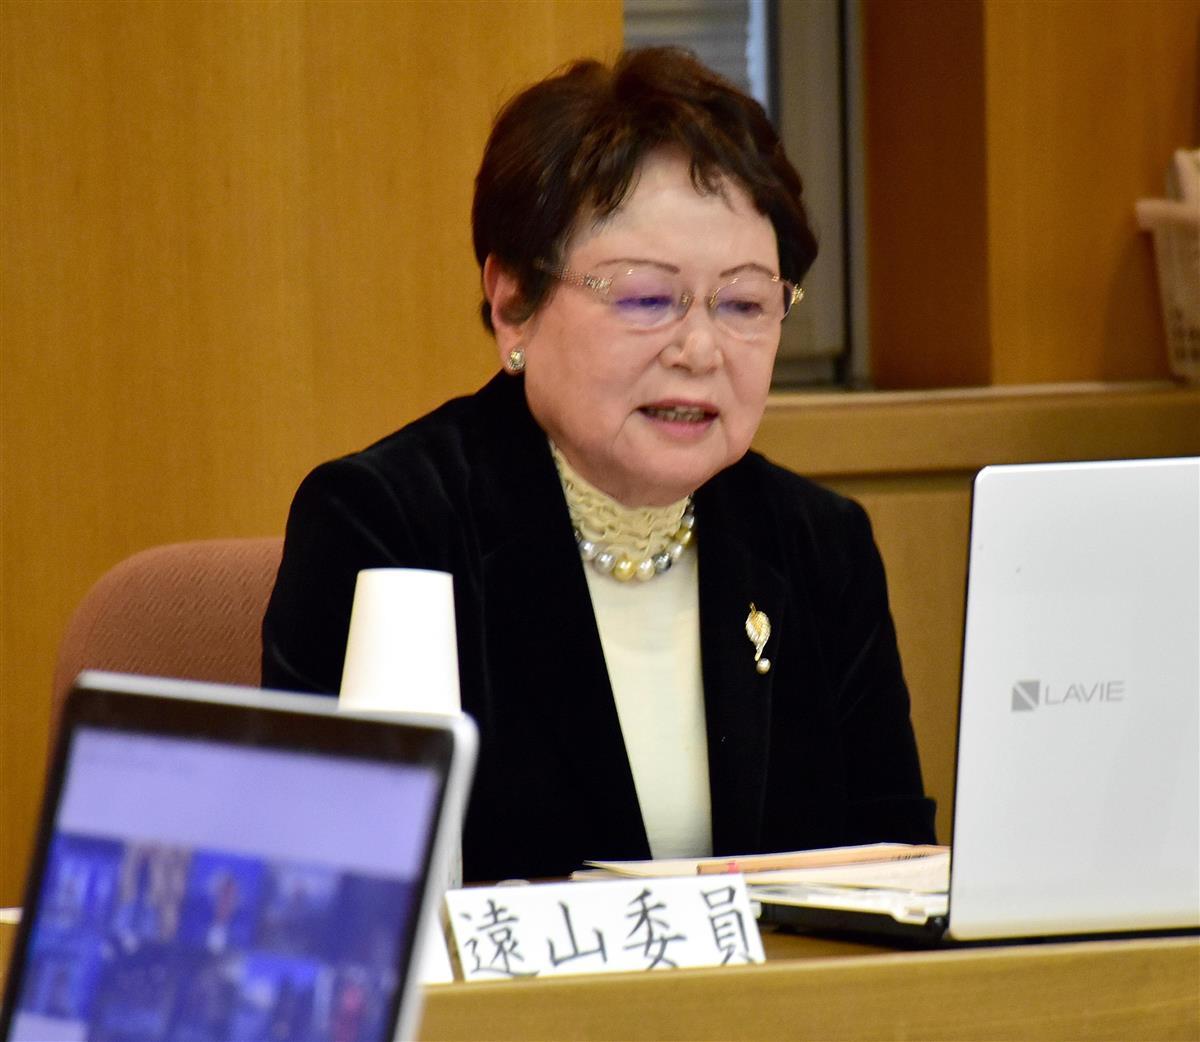 富士山登山鉄道、学術委で異論なし